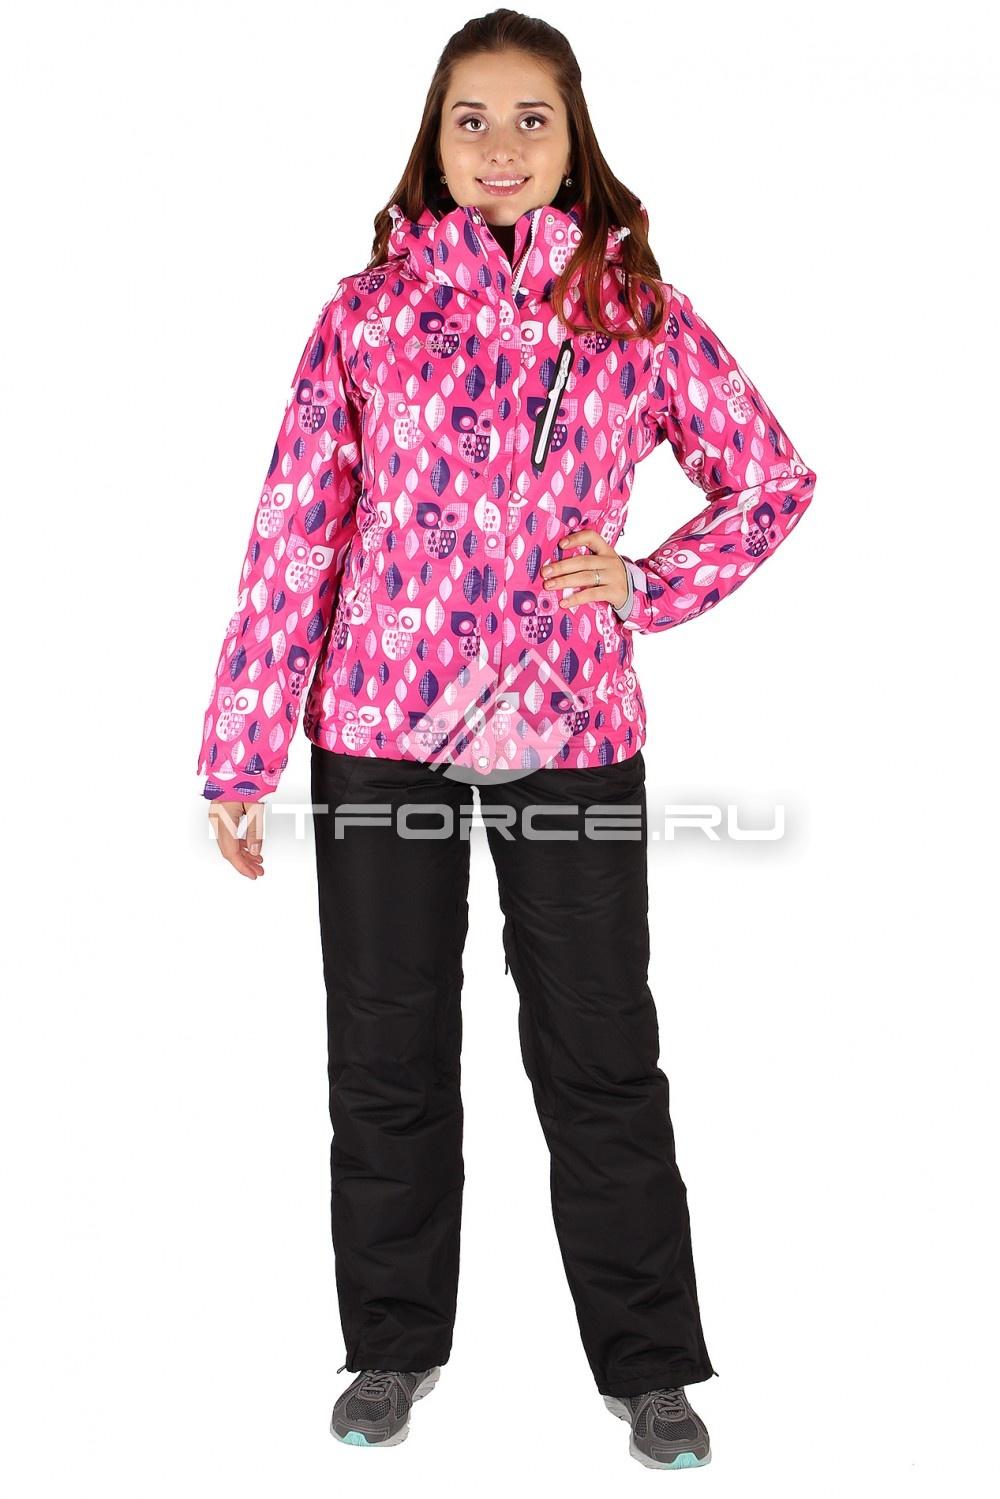 Горнолыжный костюм женский цена доставка